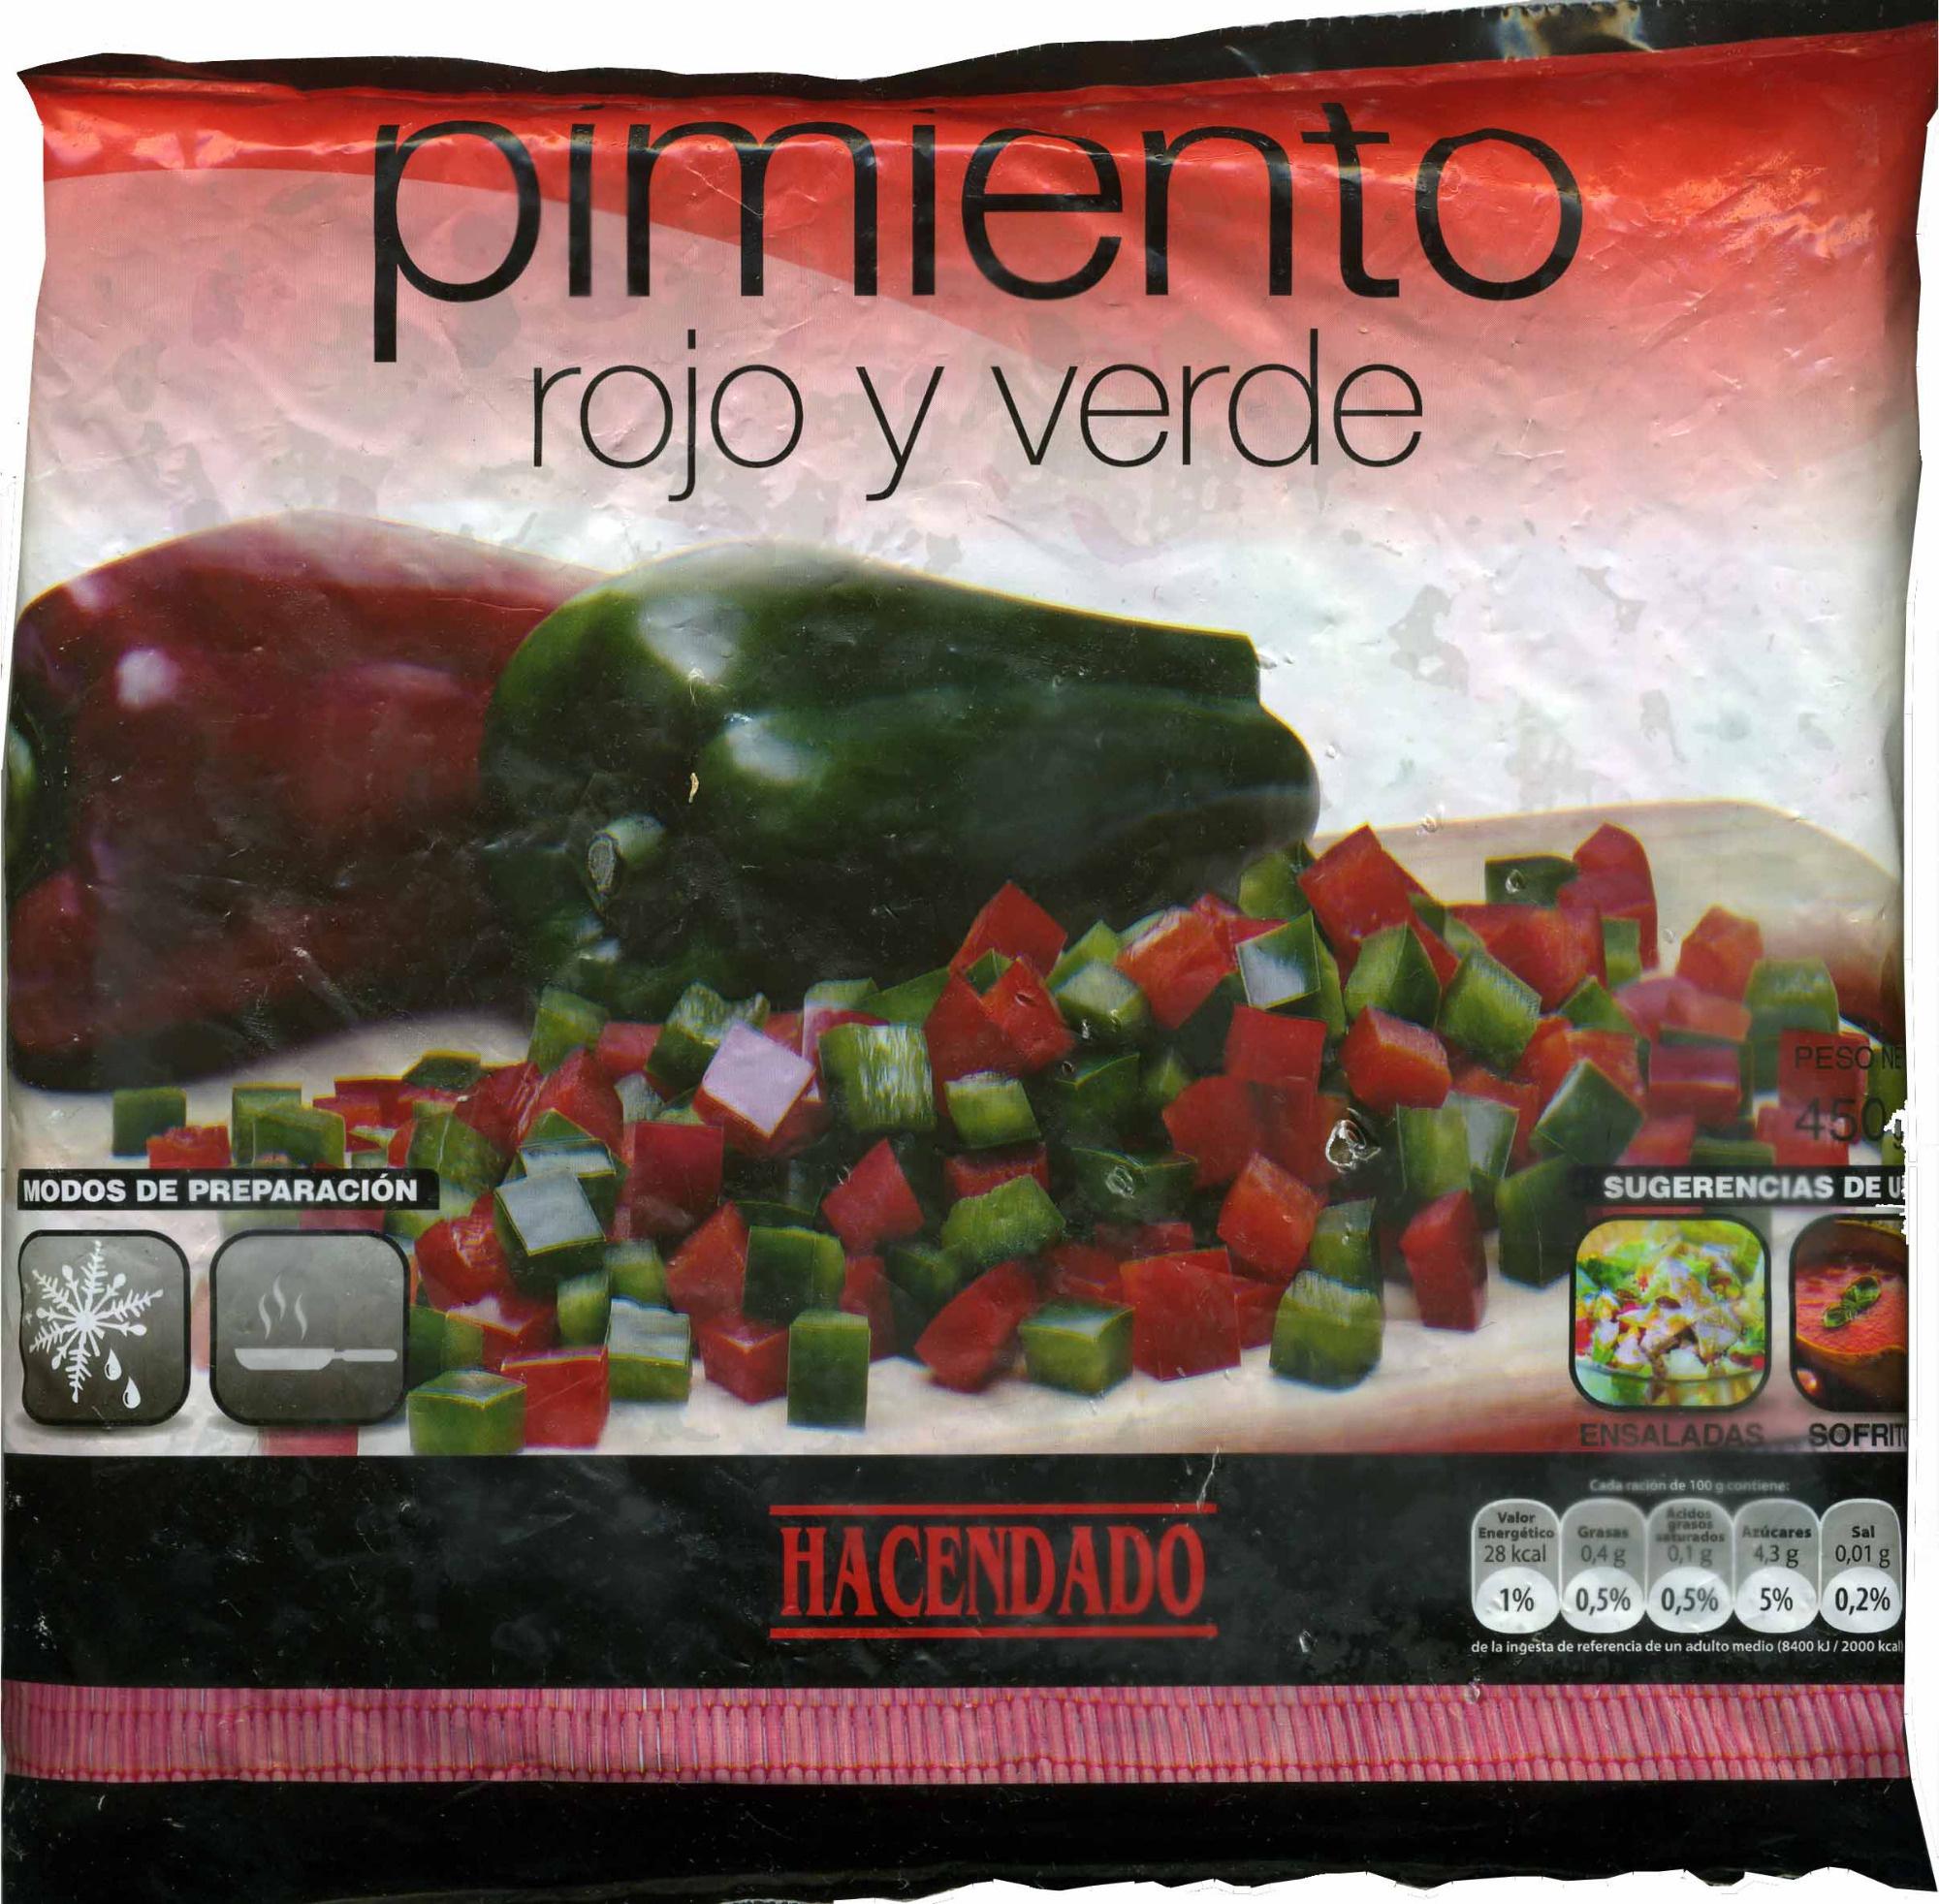 Pimientos rojos y verdes congelados - Produit - es